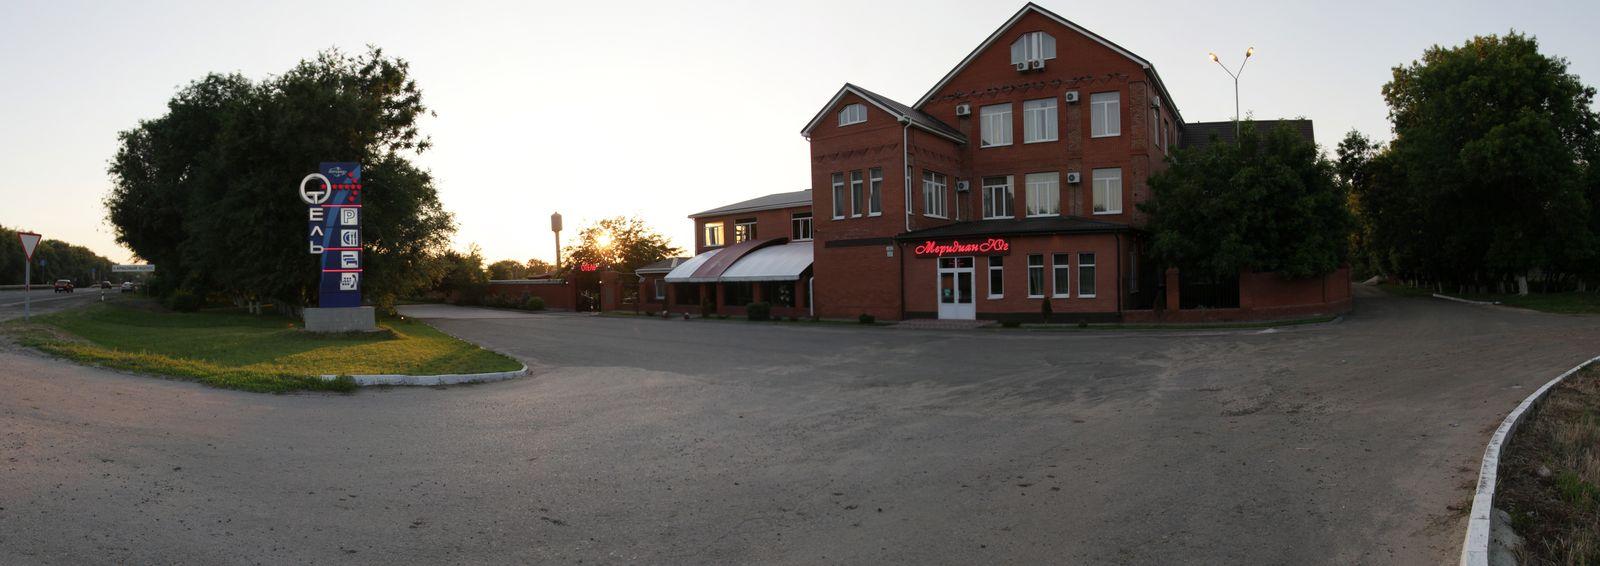 Трасса м4 мотели гостиницы ростовская область